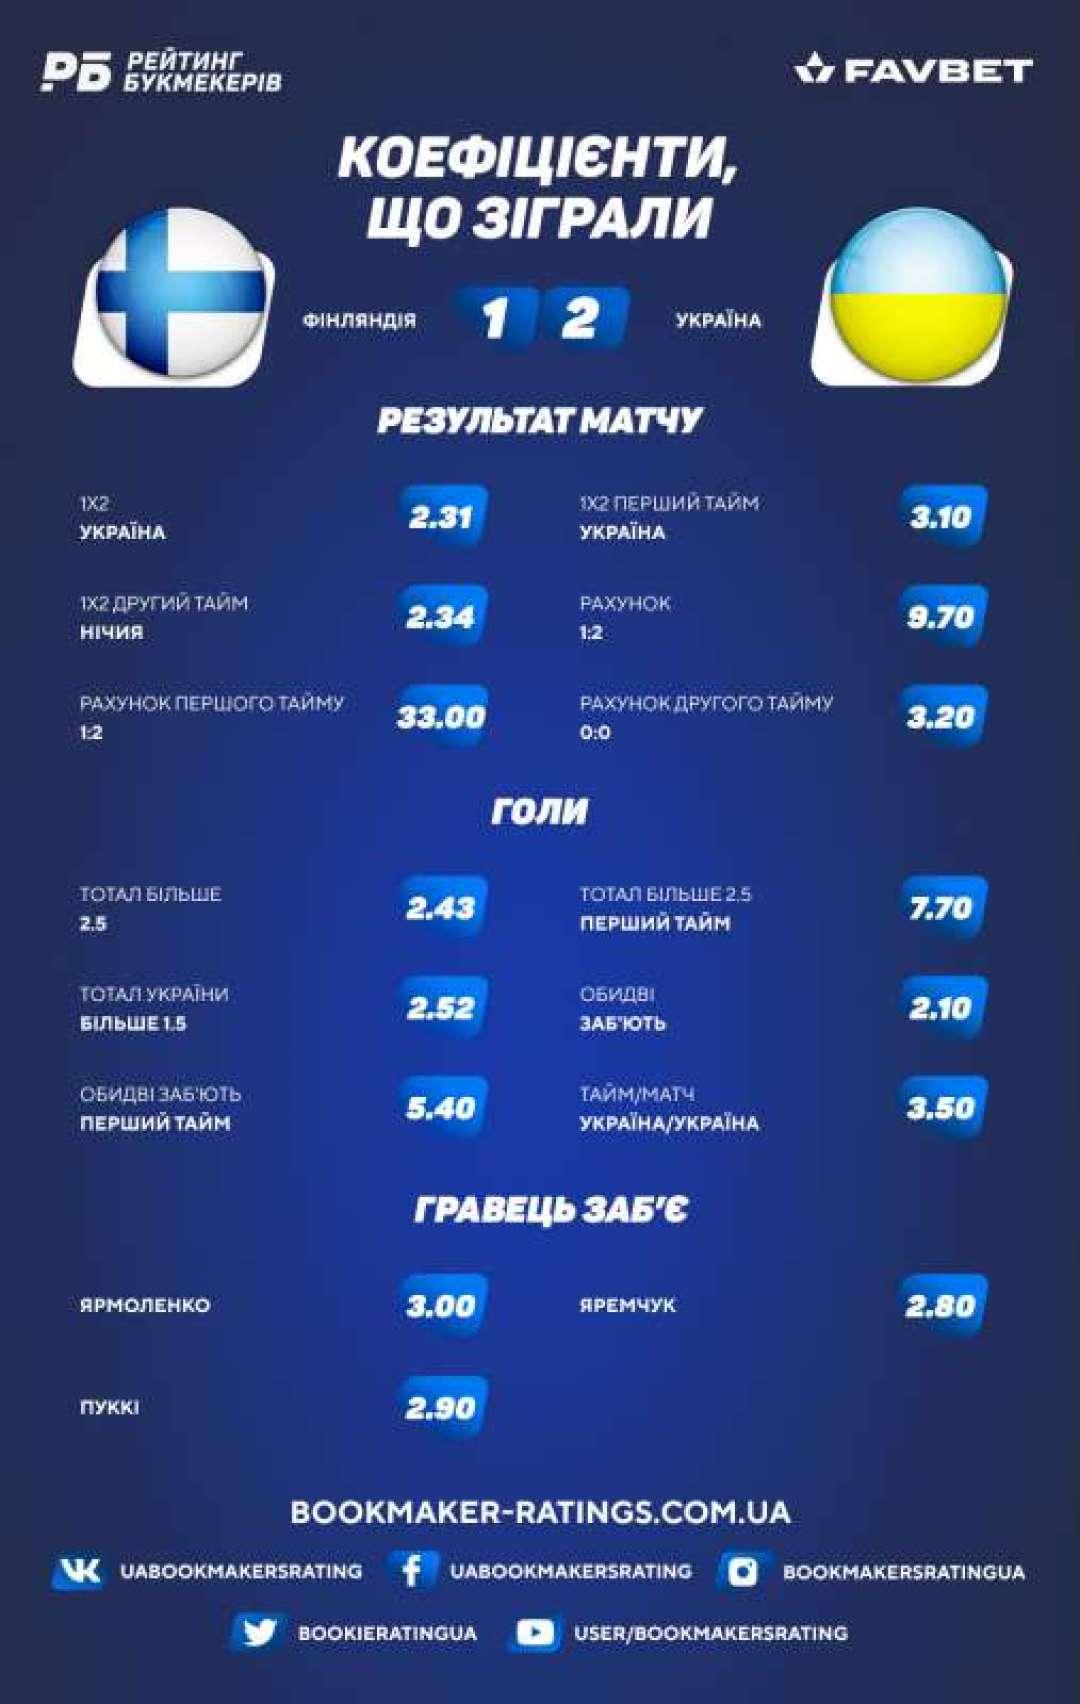 Коефіцієнти, що зіграли в матчі Фінляндія - Україна (1:2)